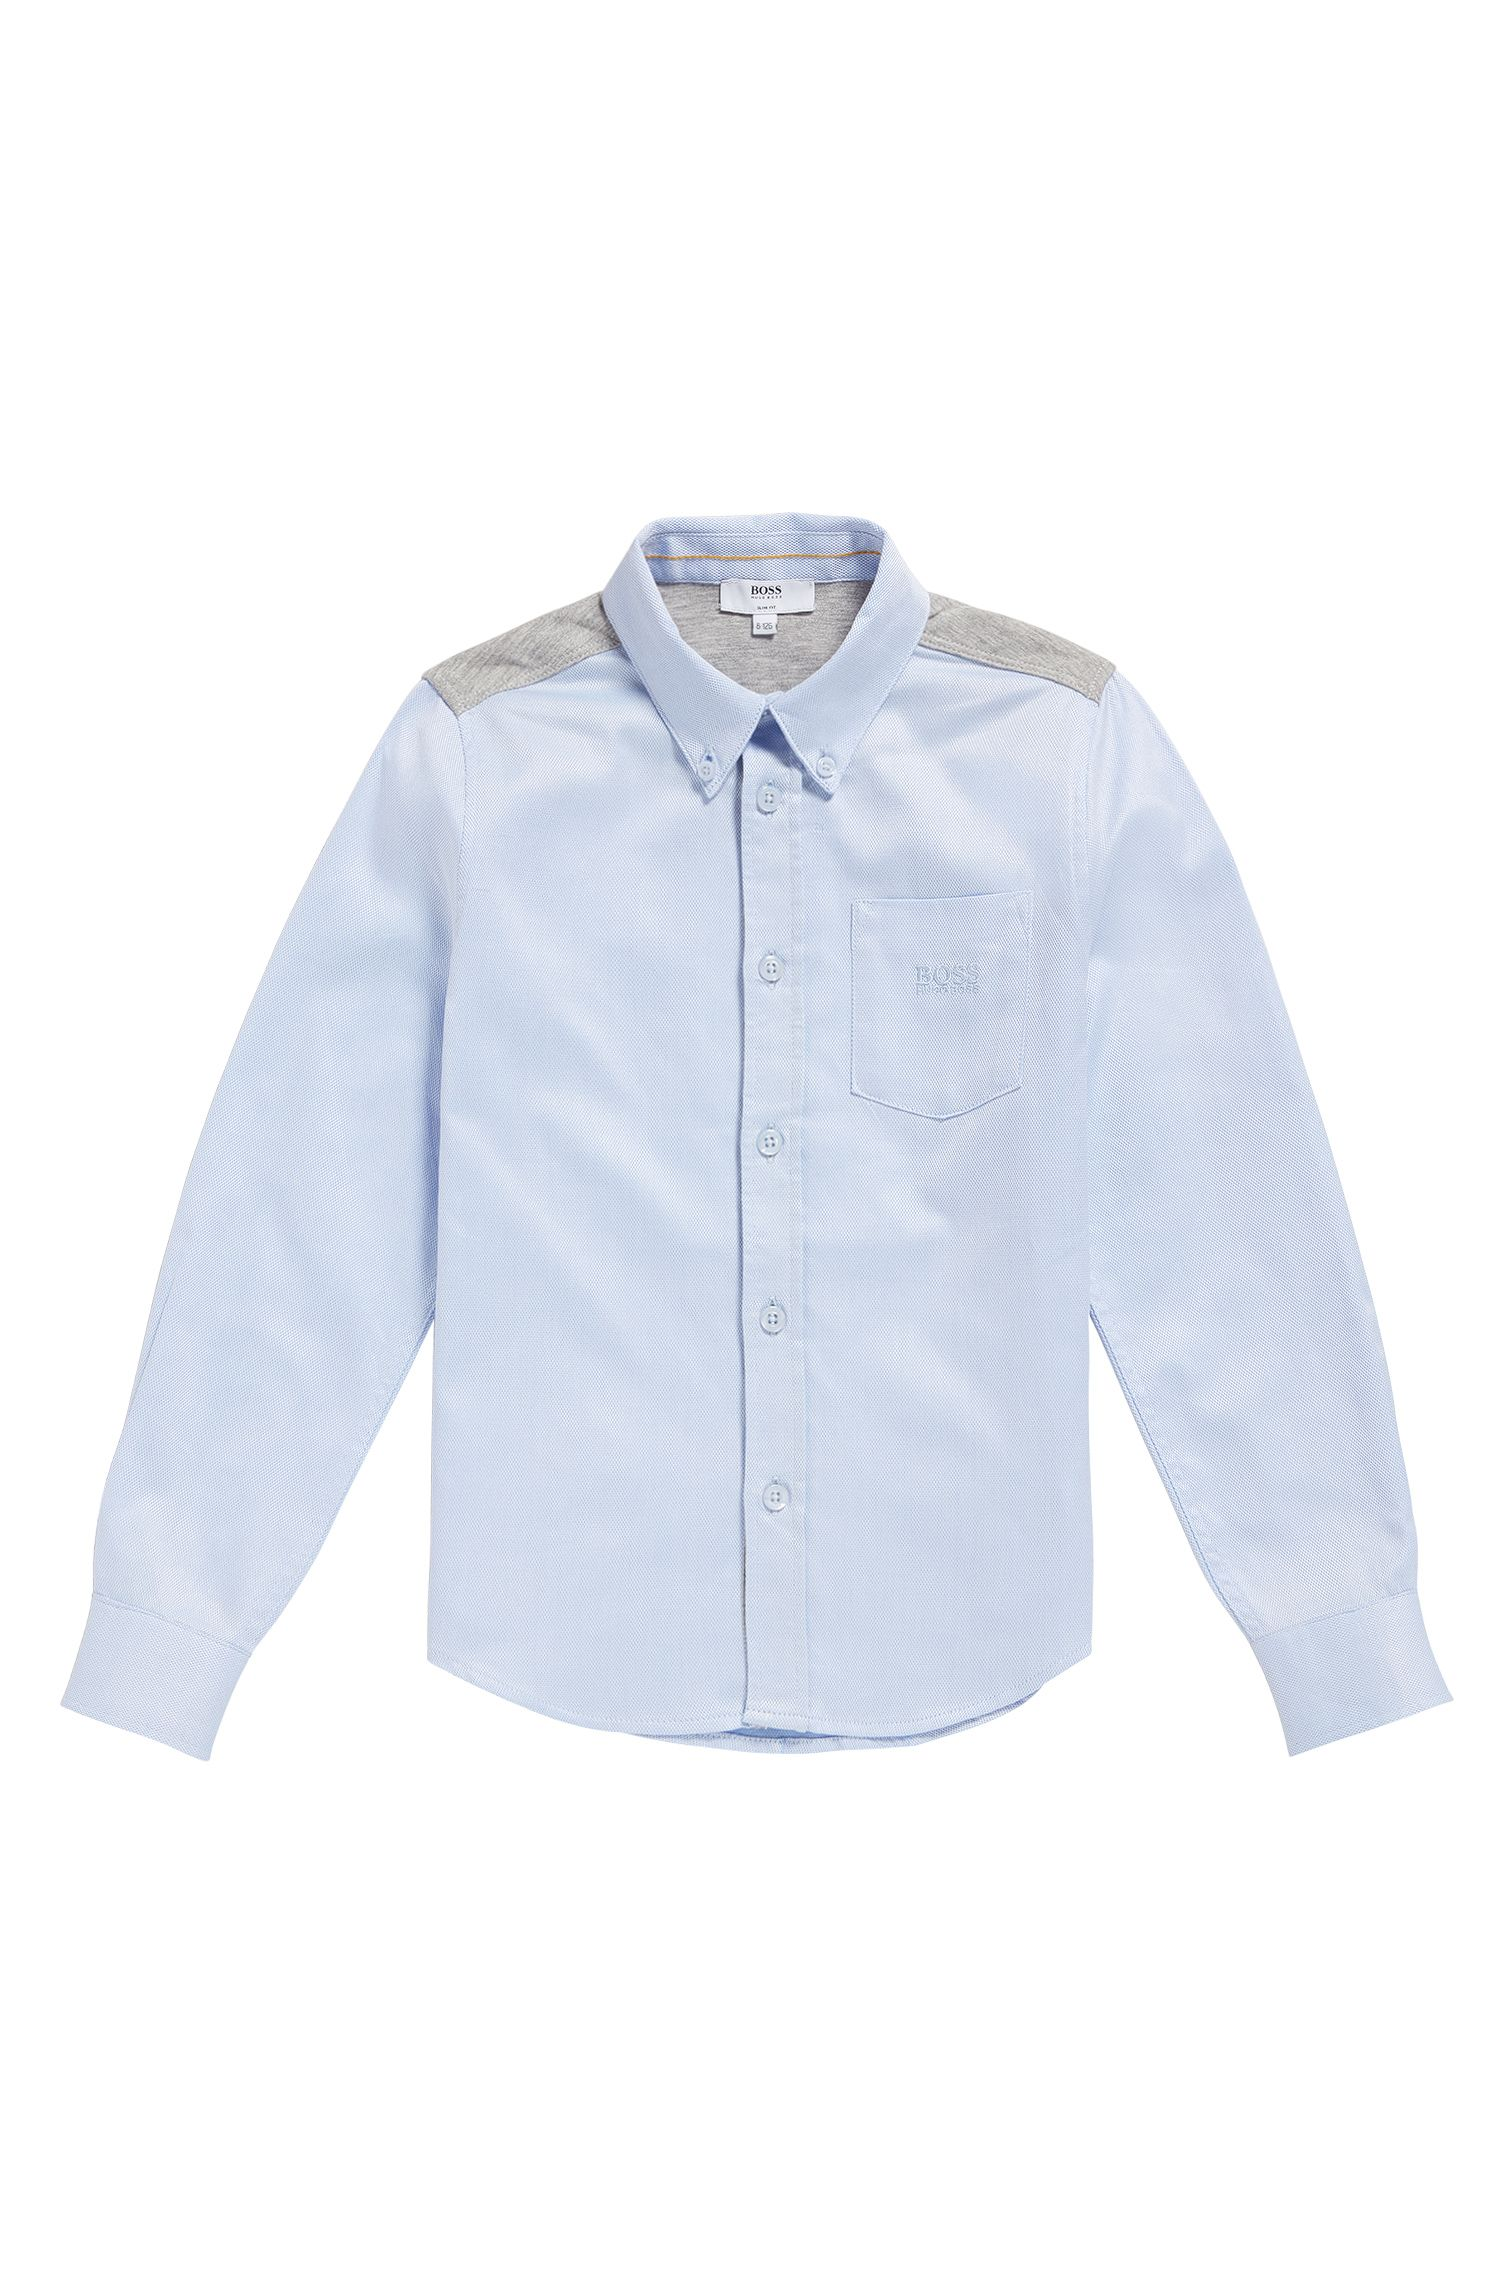 Kids-Hemd aus Baumwolle mit Jersey-Besätzen: 'J25990'